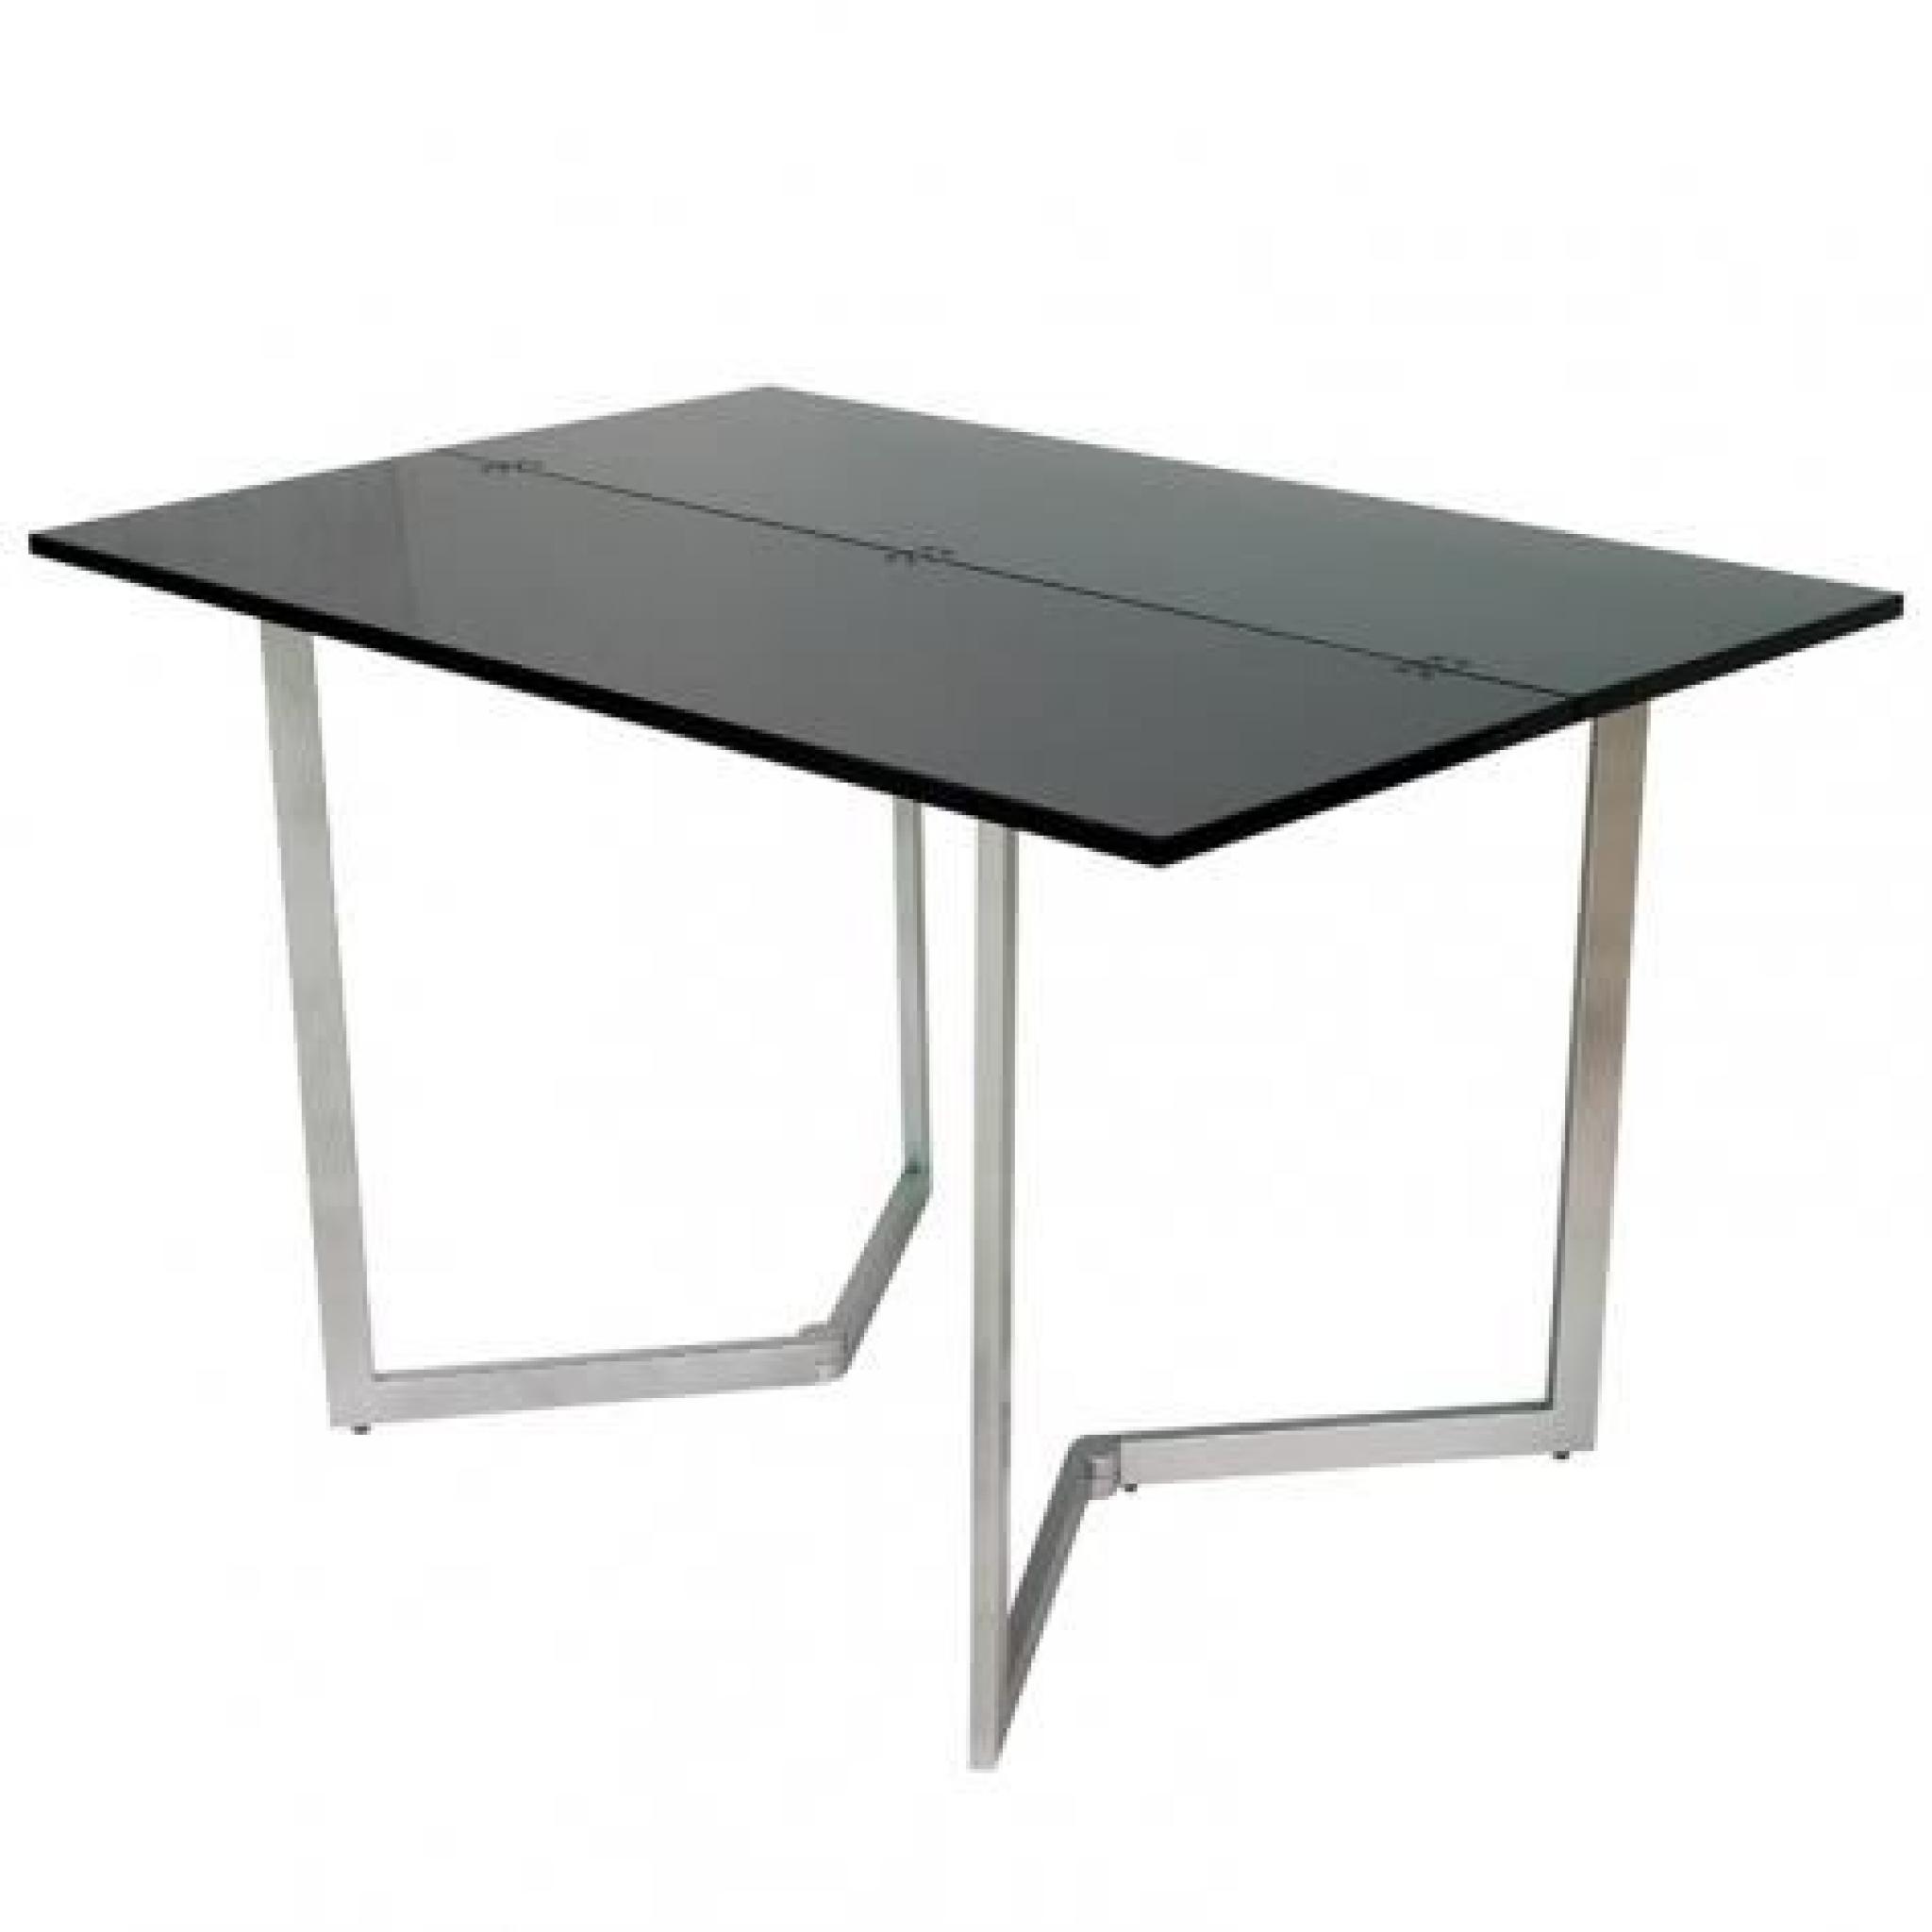 table console mural extensible noir xena achat vente ensemble salle a manger pas cher. Black Bedroom Furniture Sets. Home Design Ideas